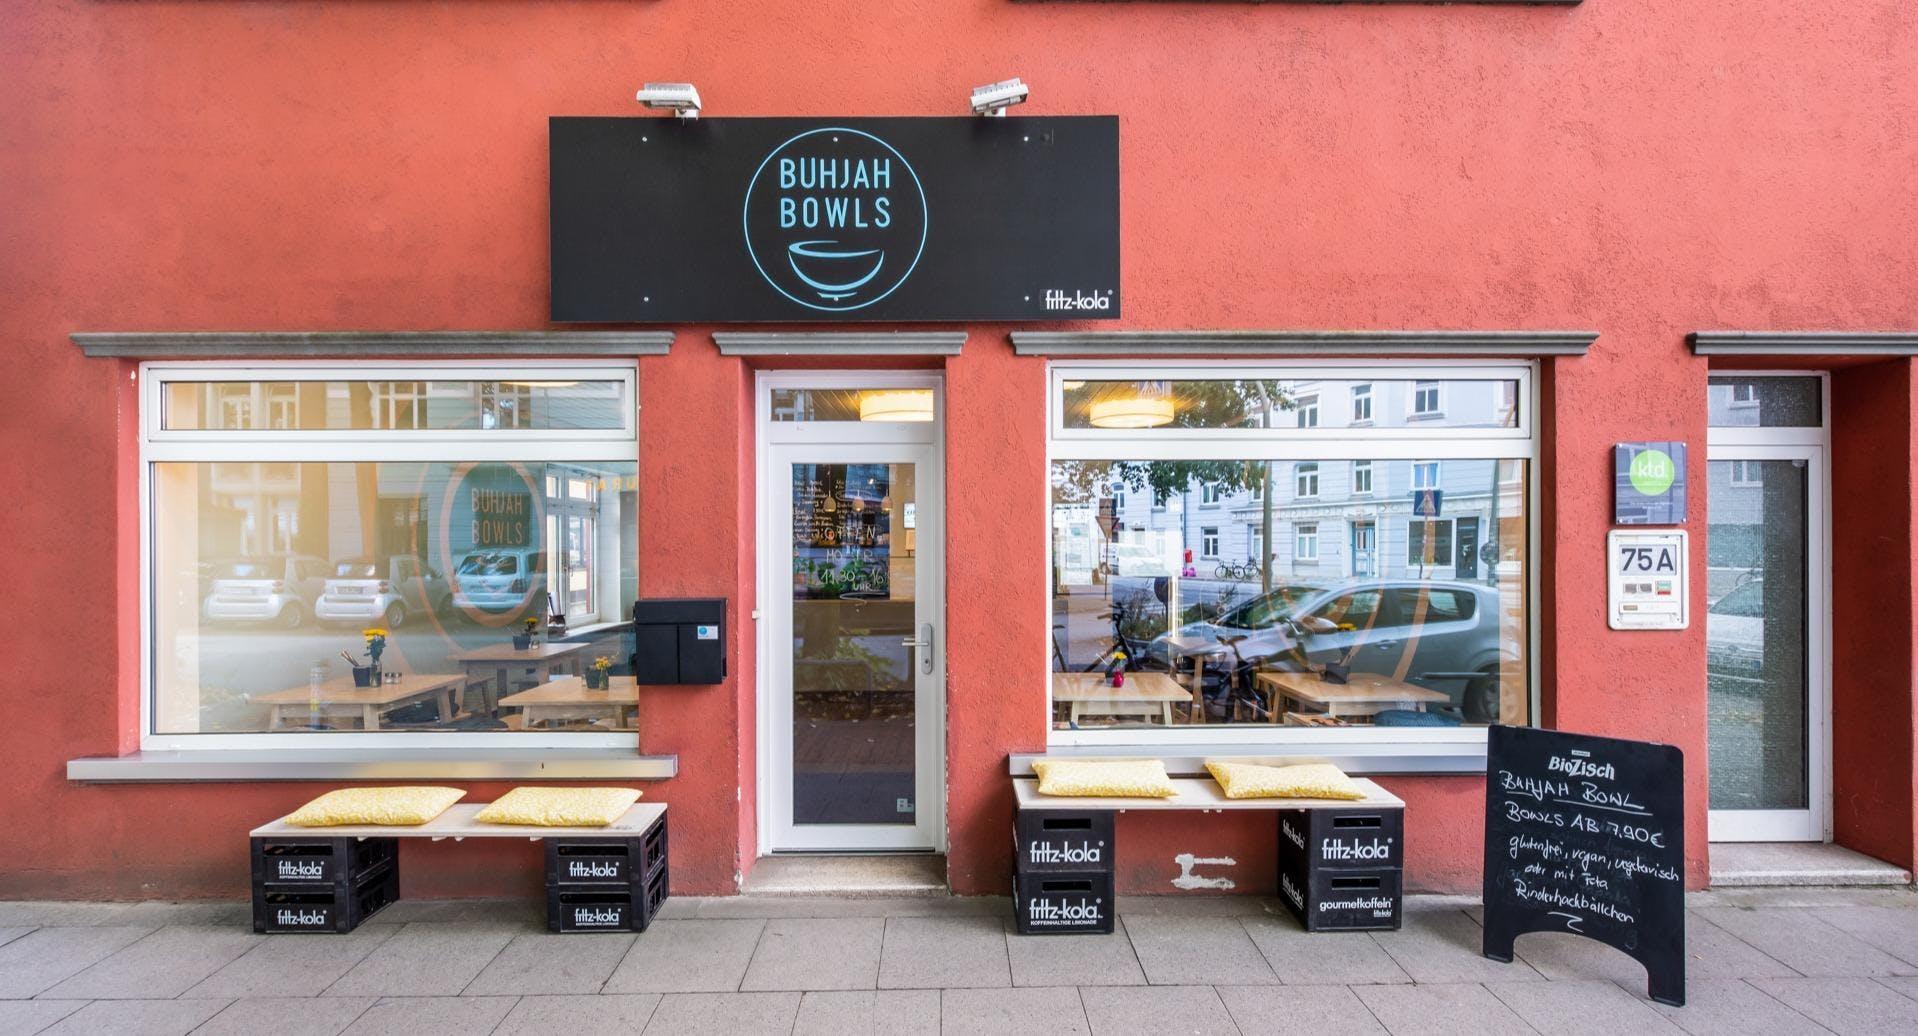 Buhjah Bowls Hamburg image 1